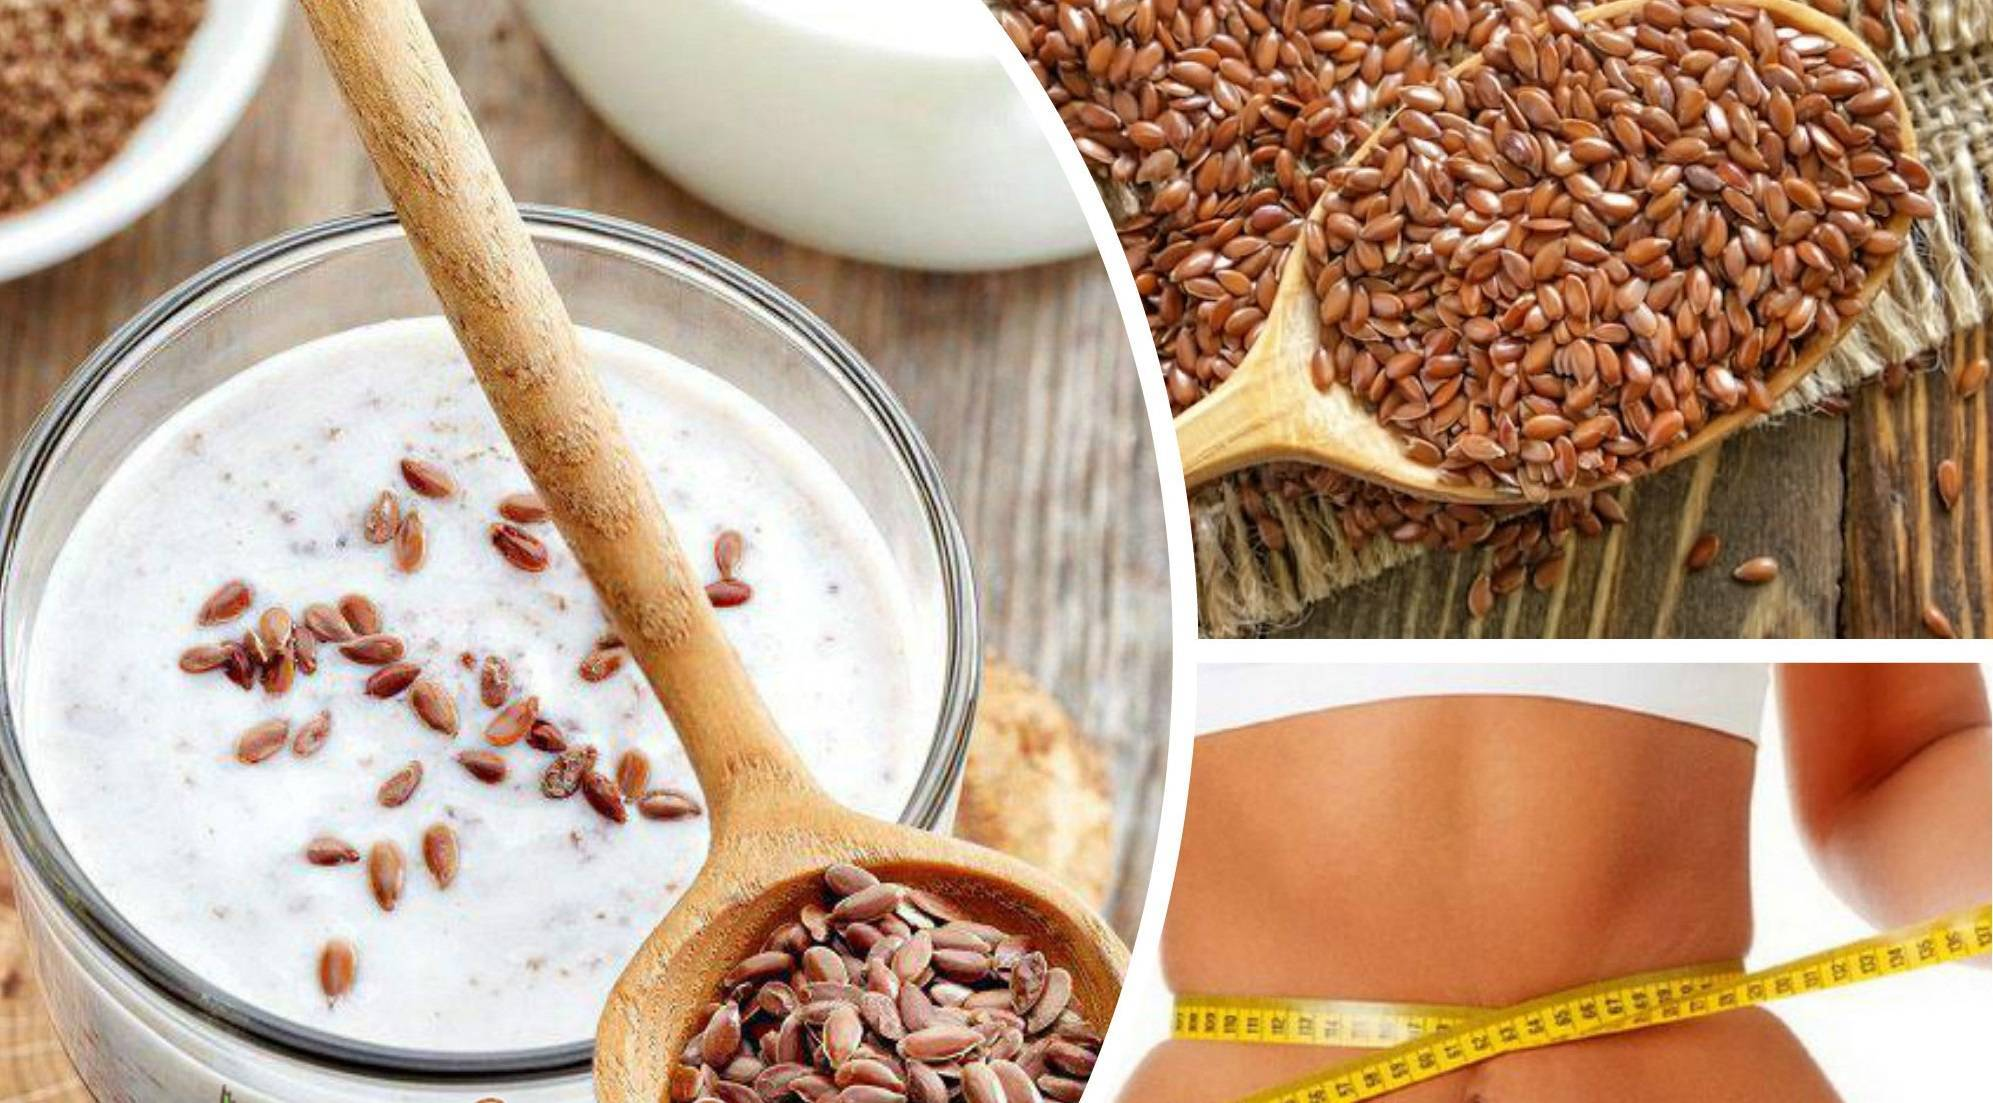 Очищение организма семенами льна для похудения: польза, как использовать